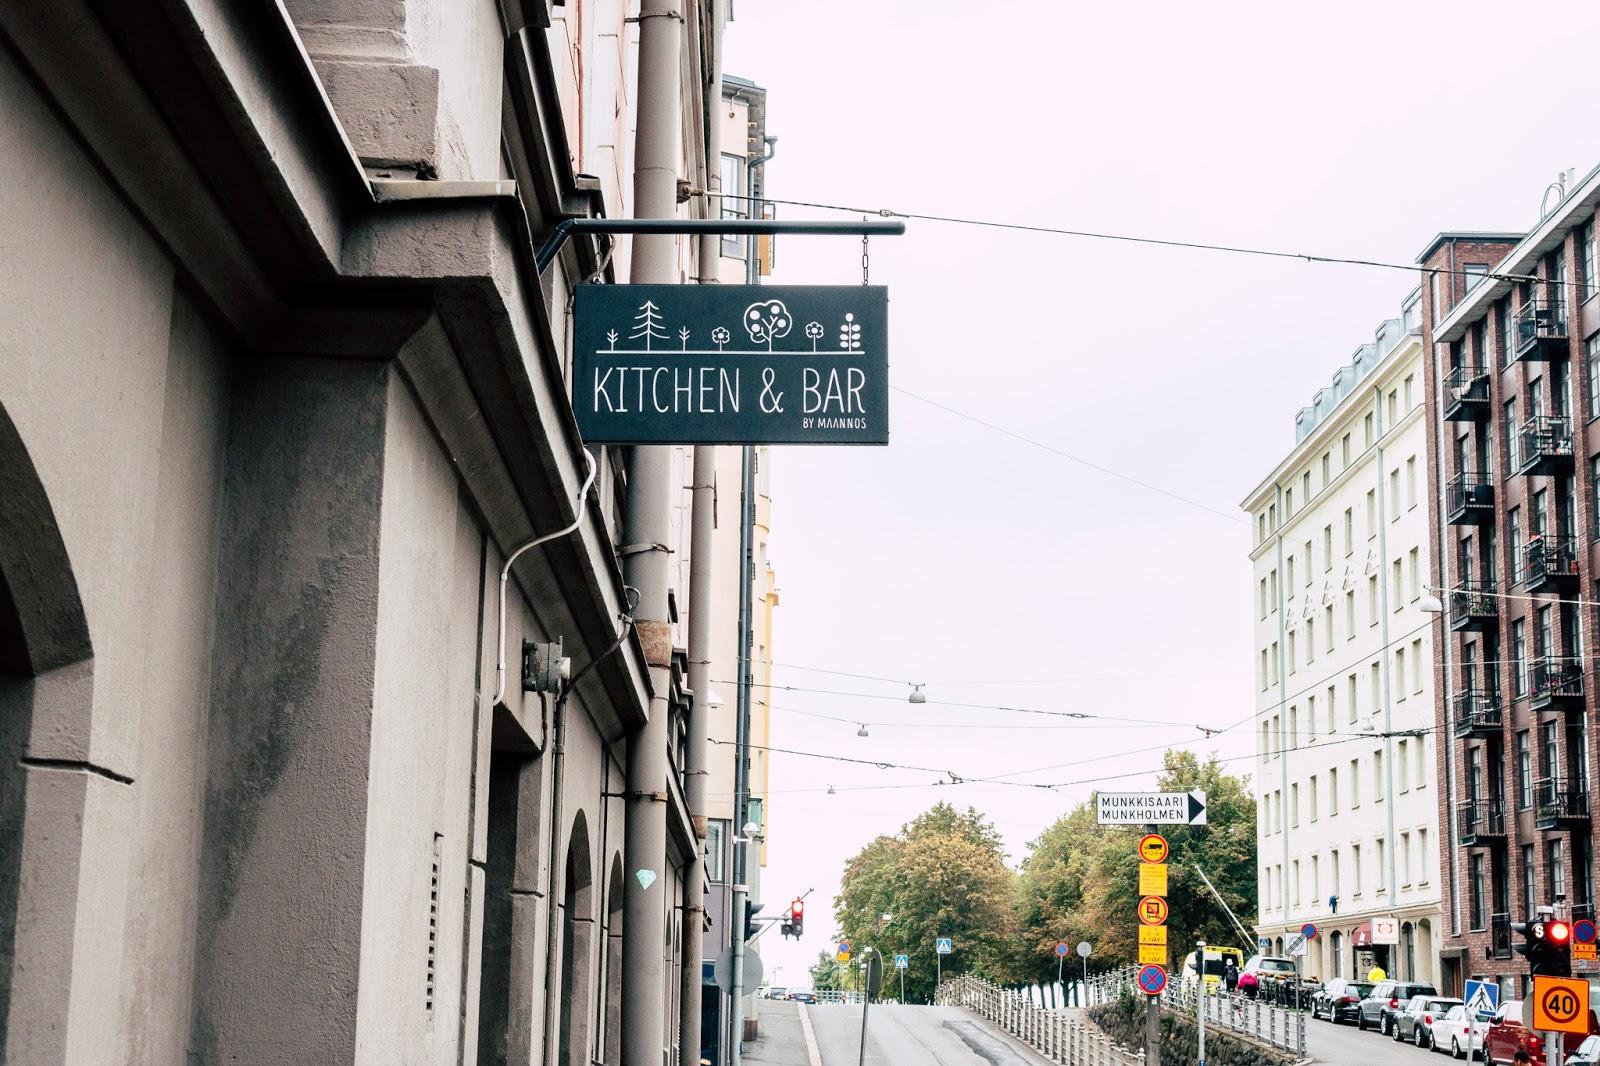 Maannos, kitchen and bar, suomalaista ruokaa, ruoka, ravintolat, Helsinki